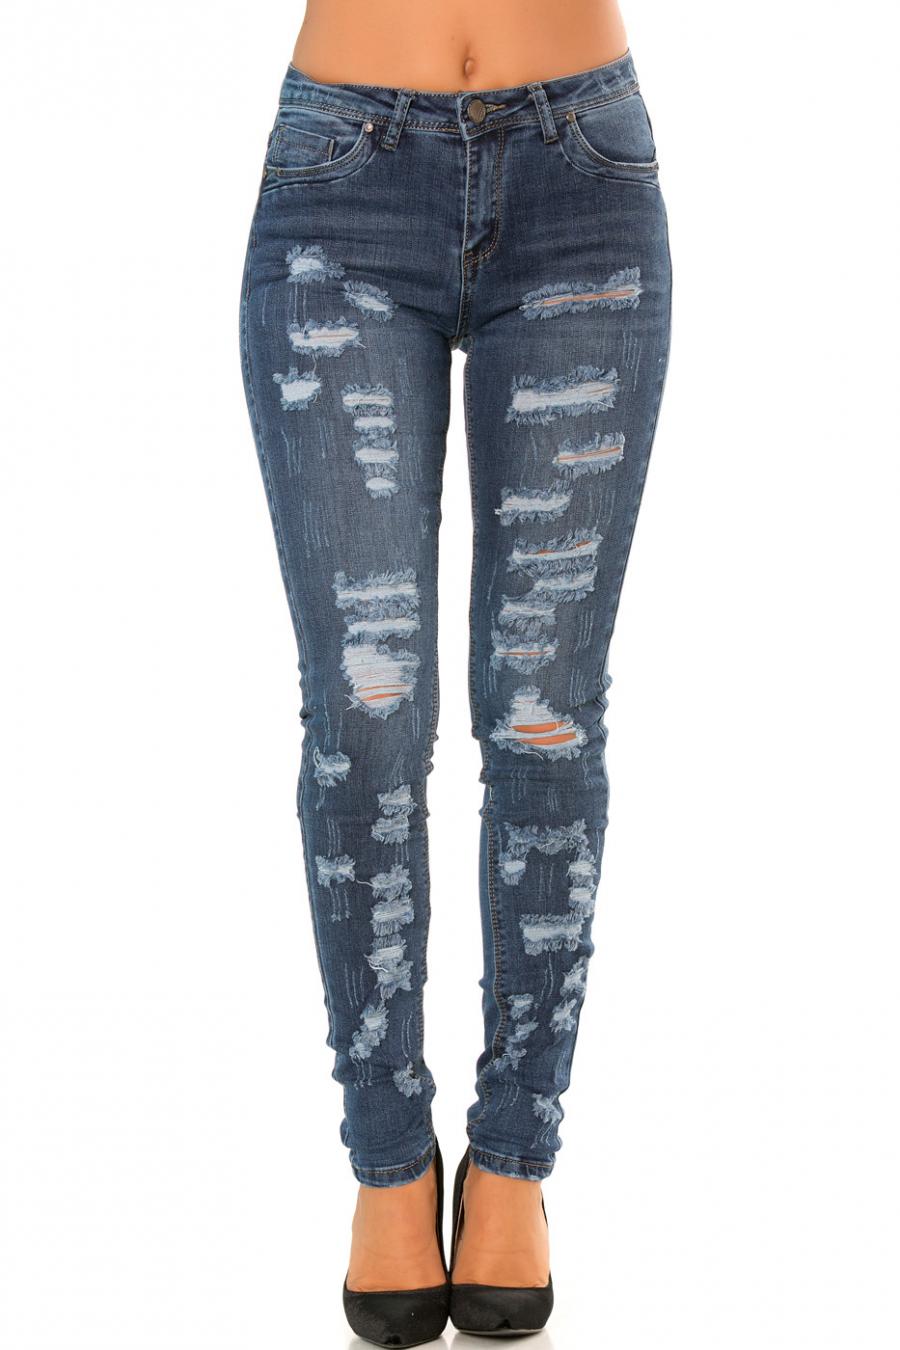 Pantalon jeans slim Bleu effet déchiré sur le devant  PTL-S2591